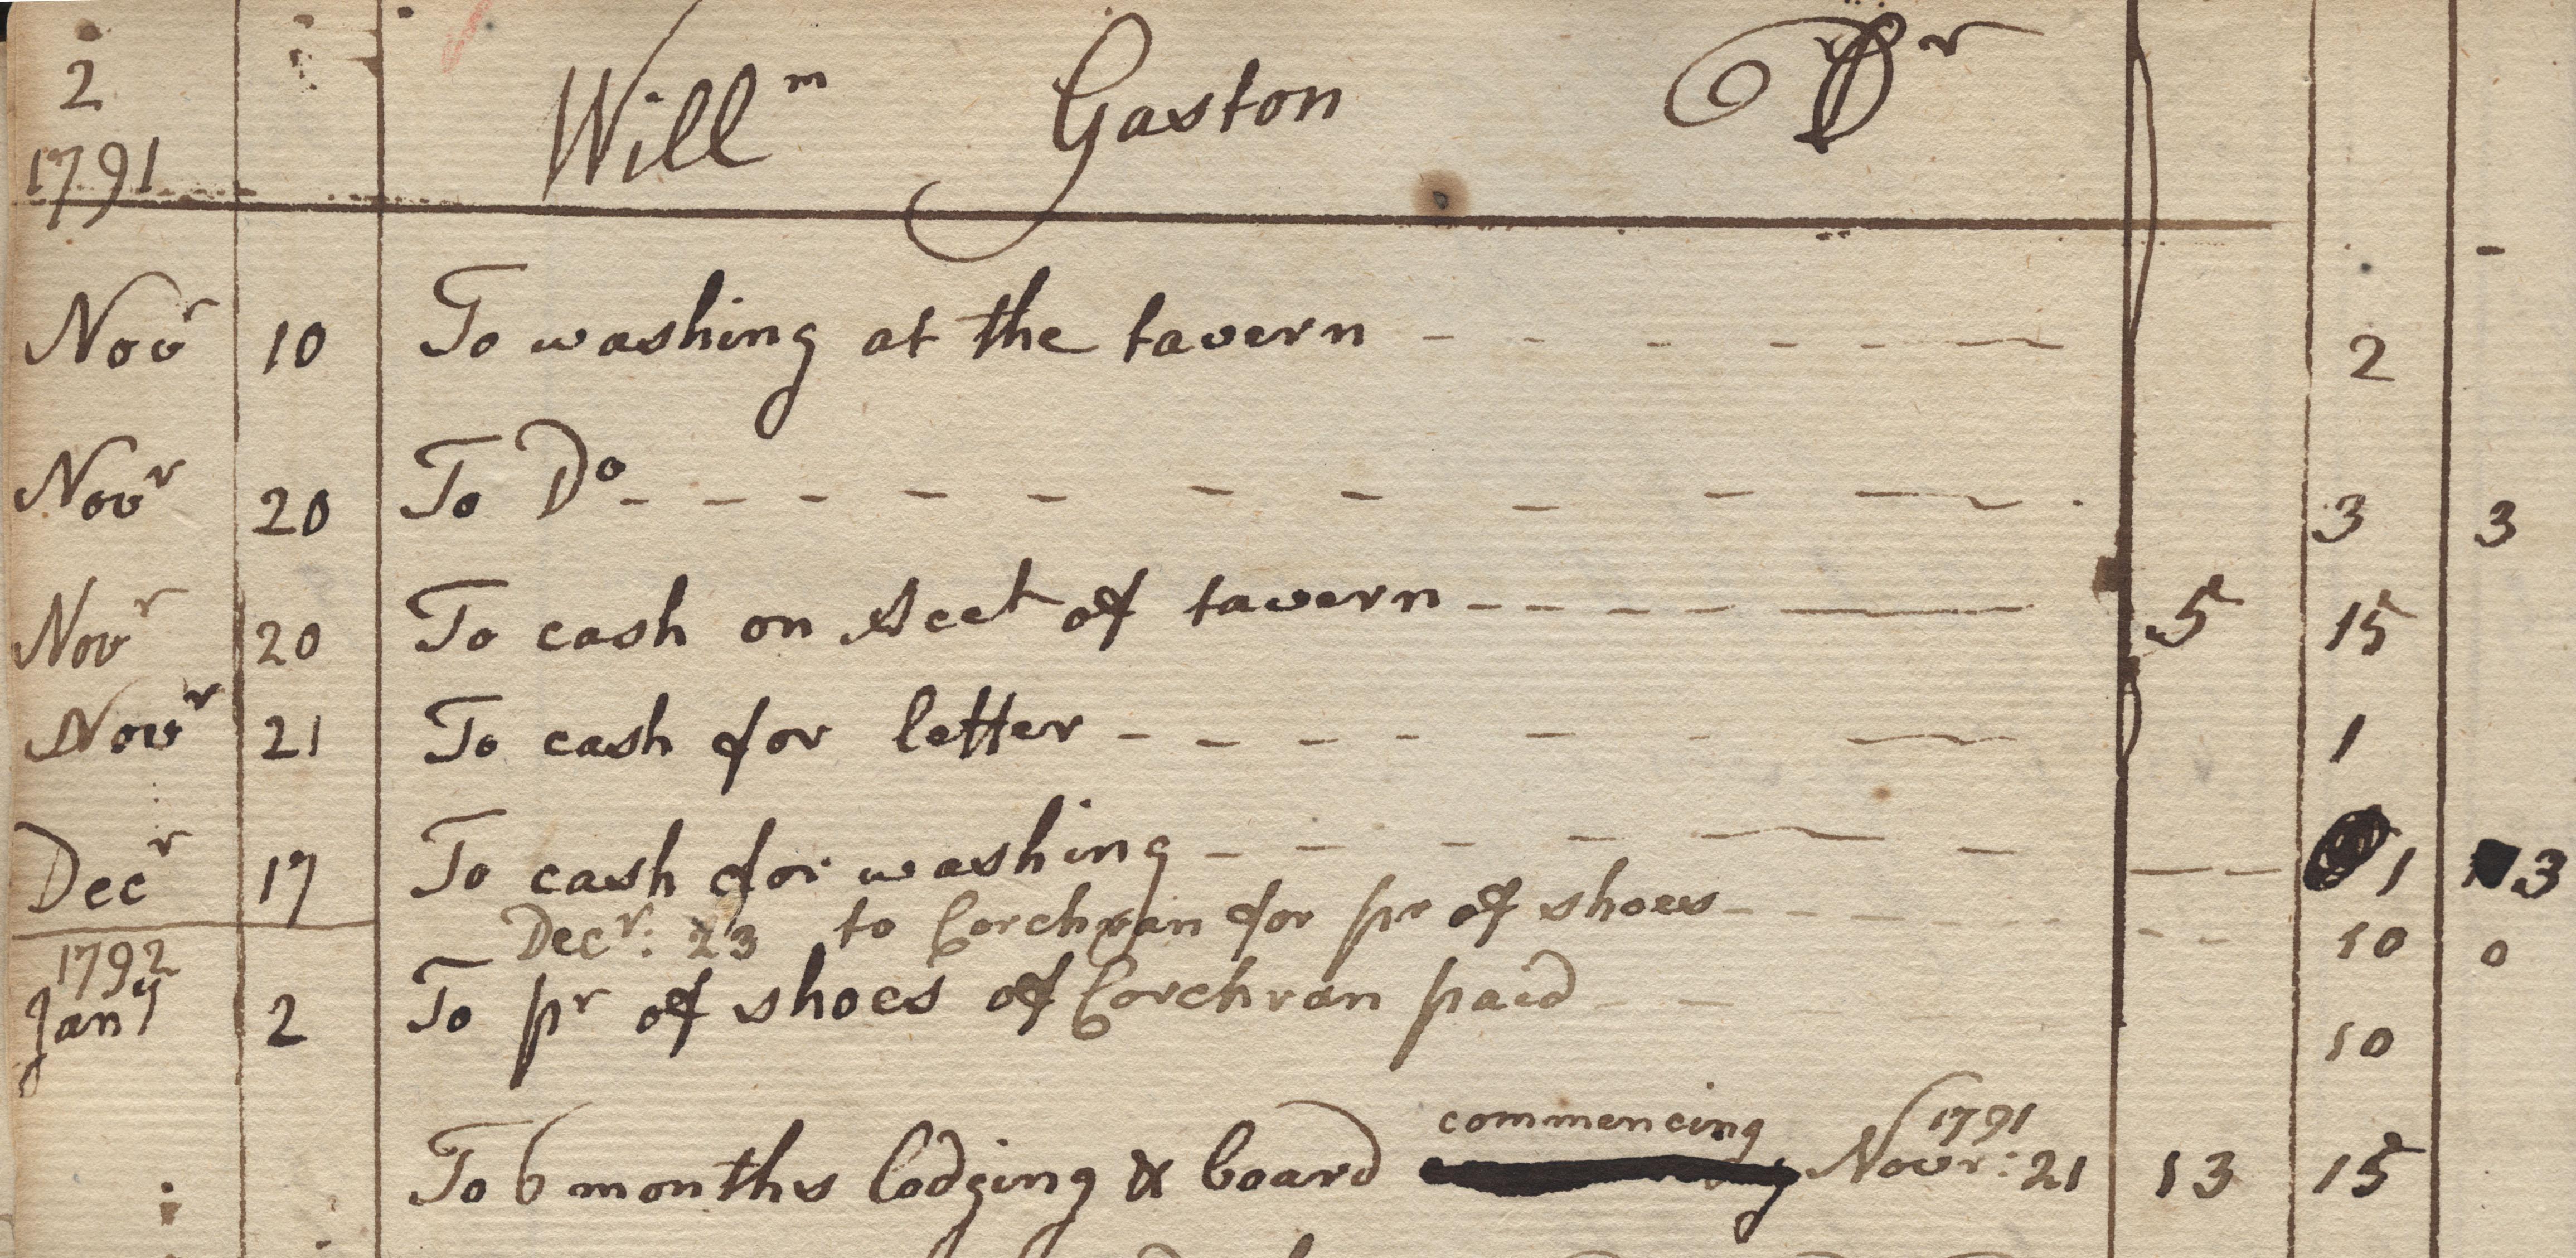 William Gaston account